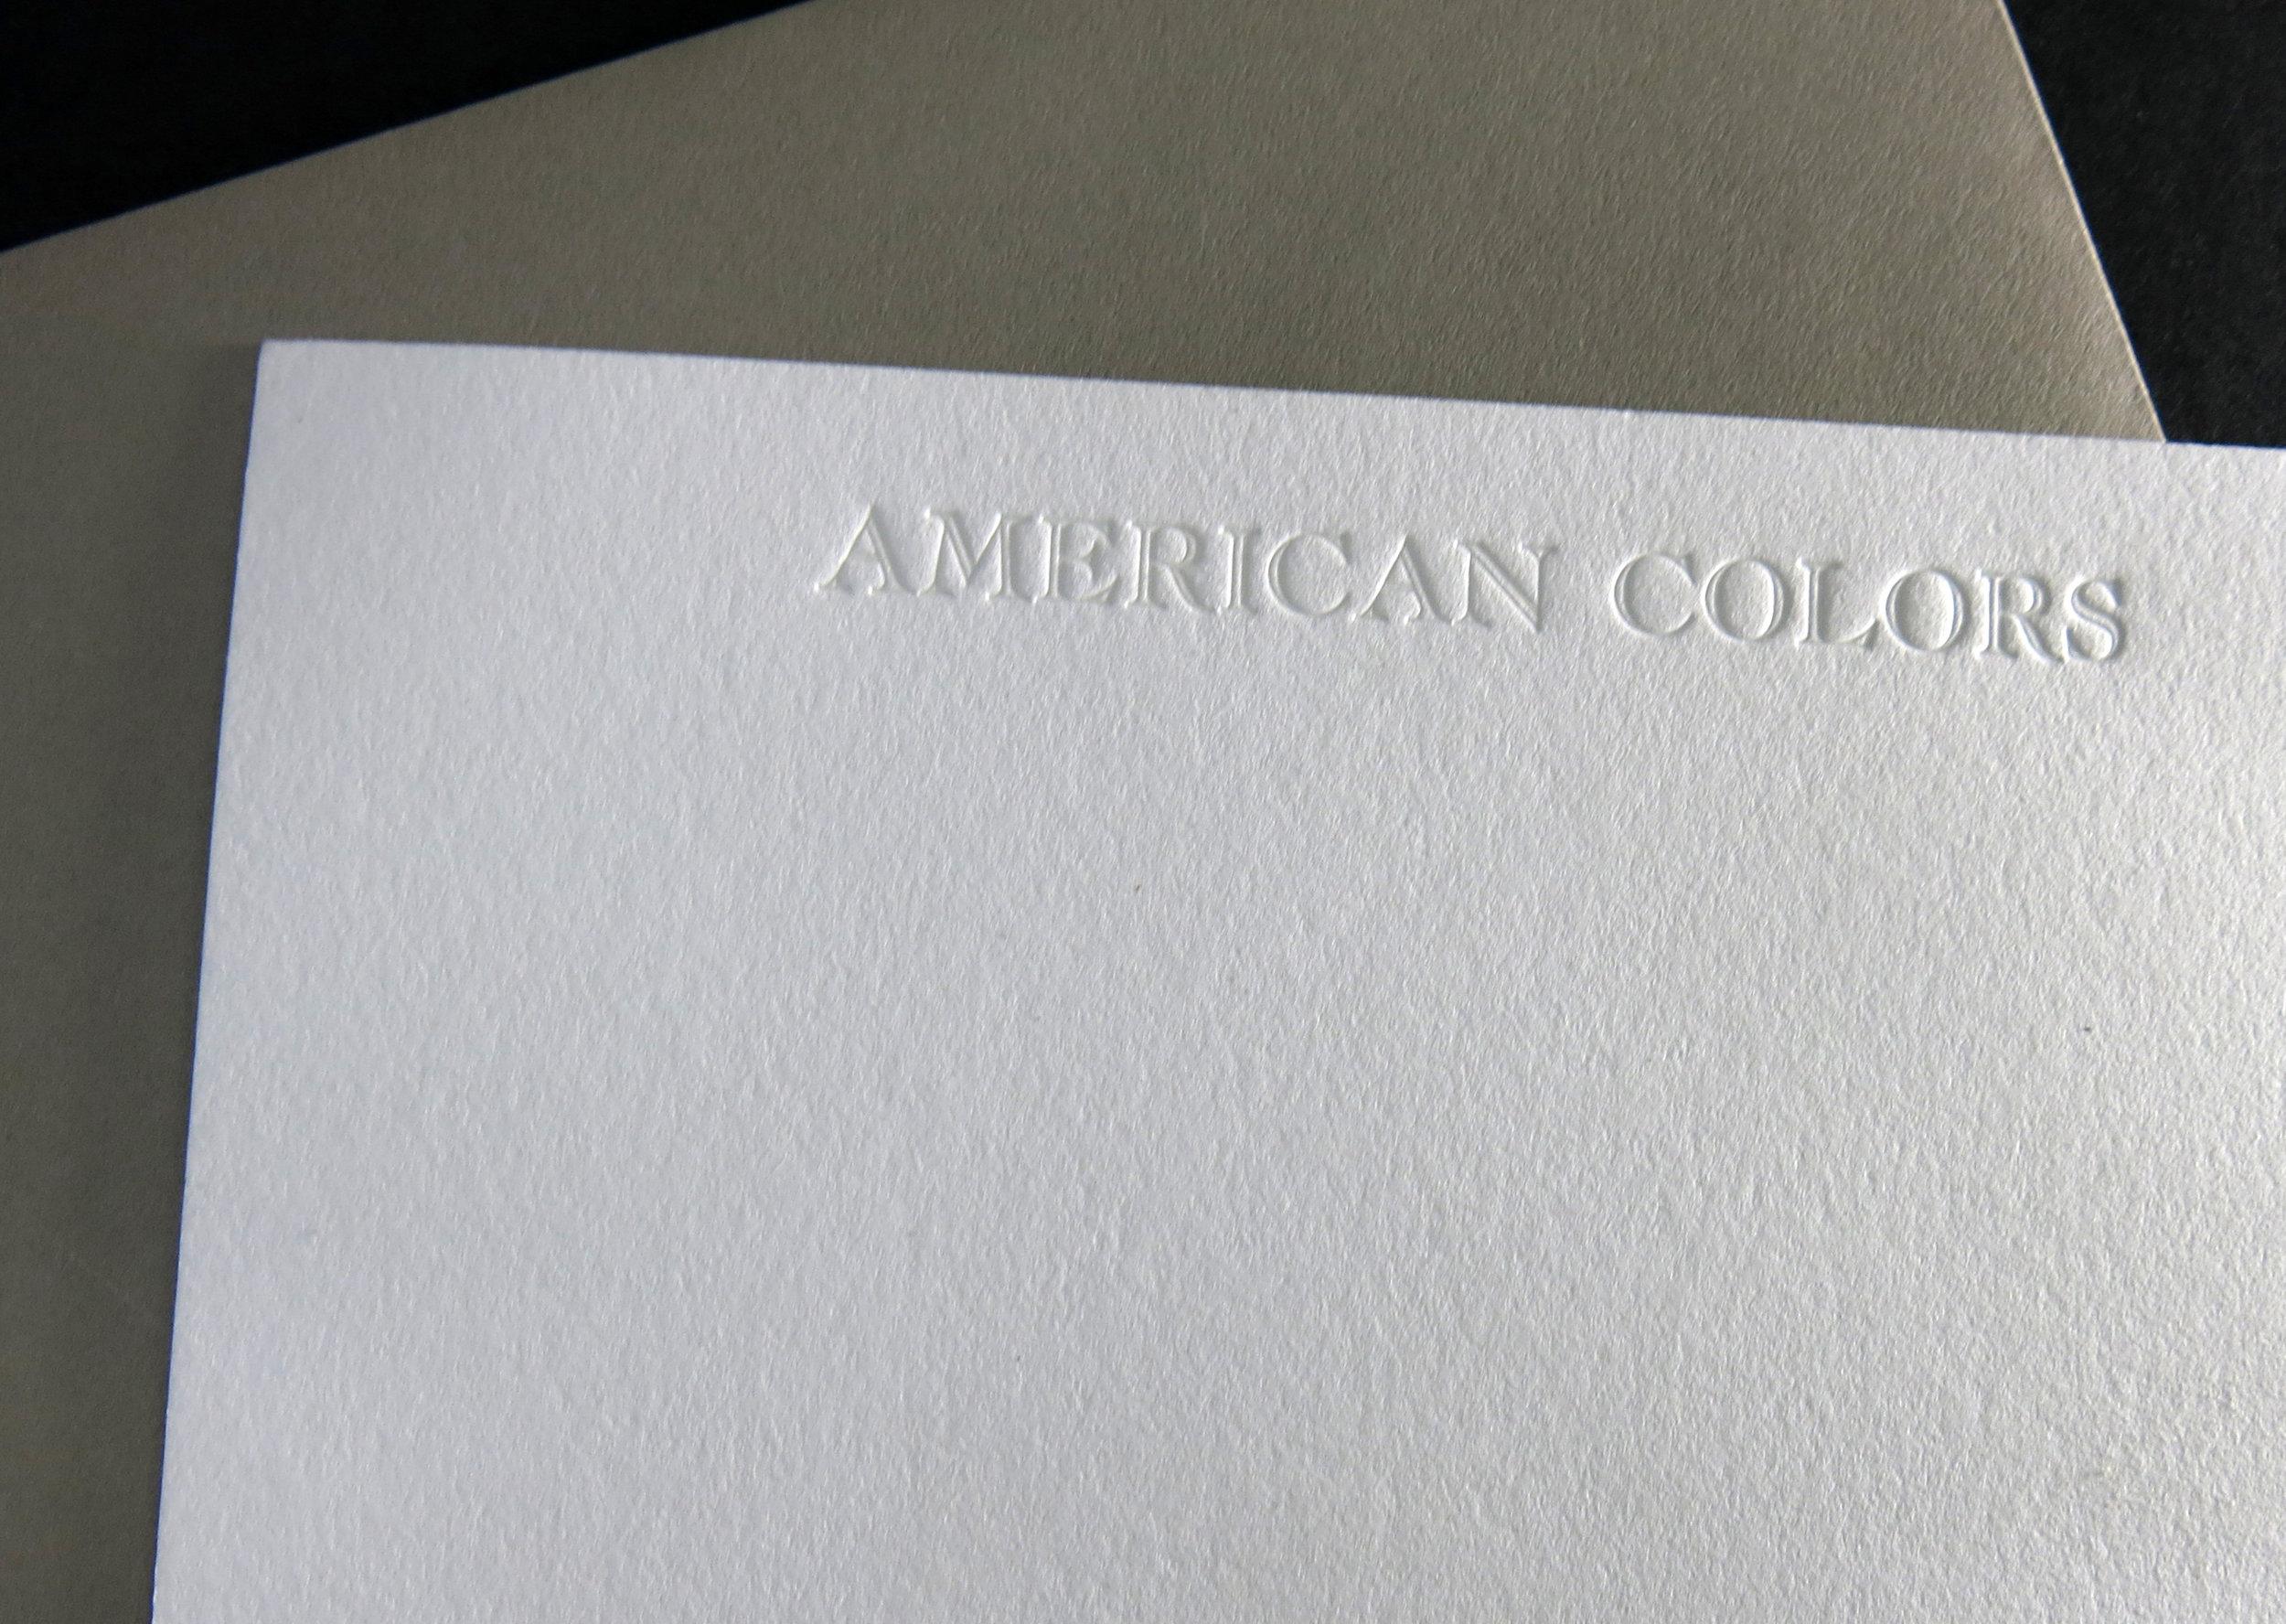 American Colors Notecard.jpg